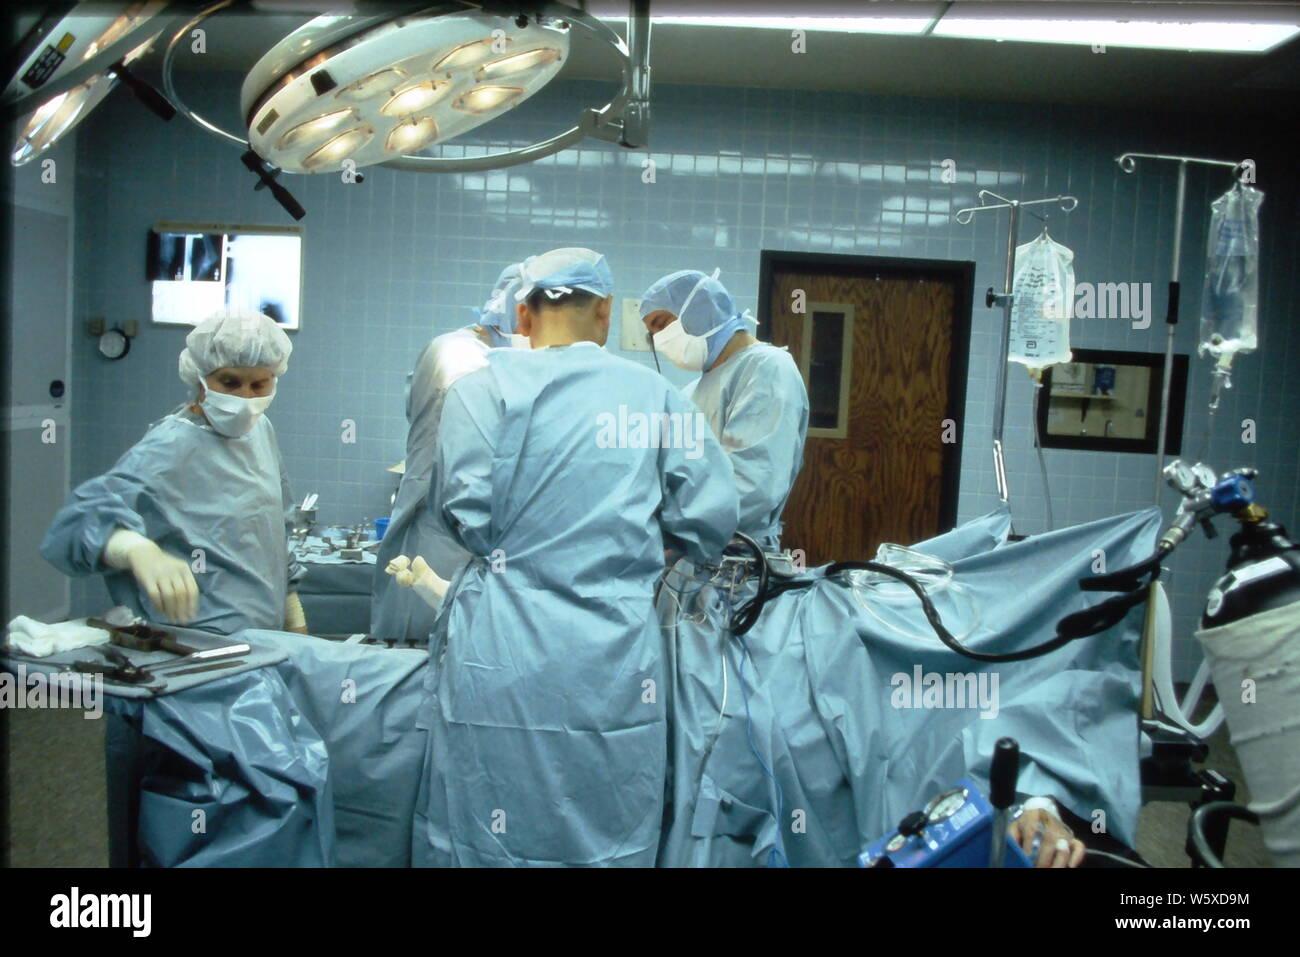 Reemplazo de rodilla y cirugía ortopédica en el hospital de Nueva Jersey circa 1985. Foto de stock